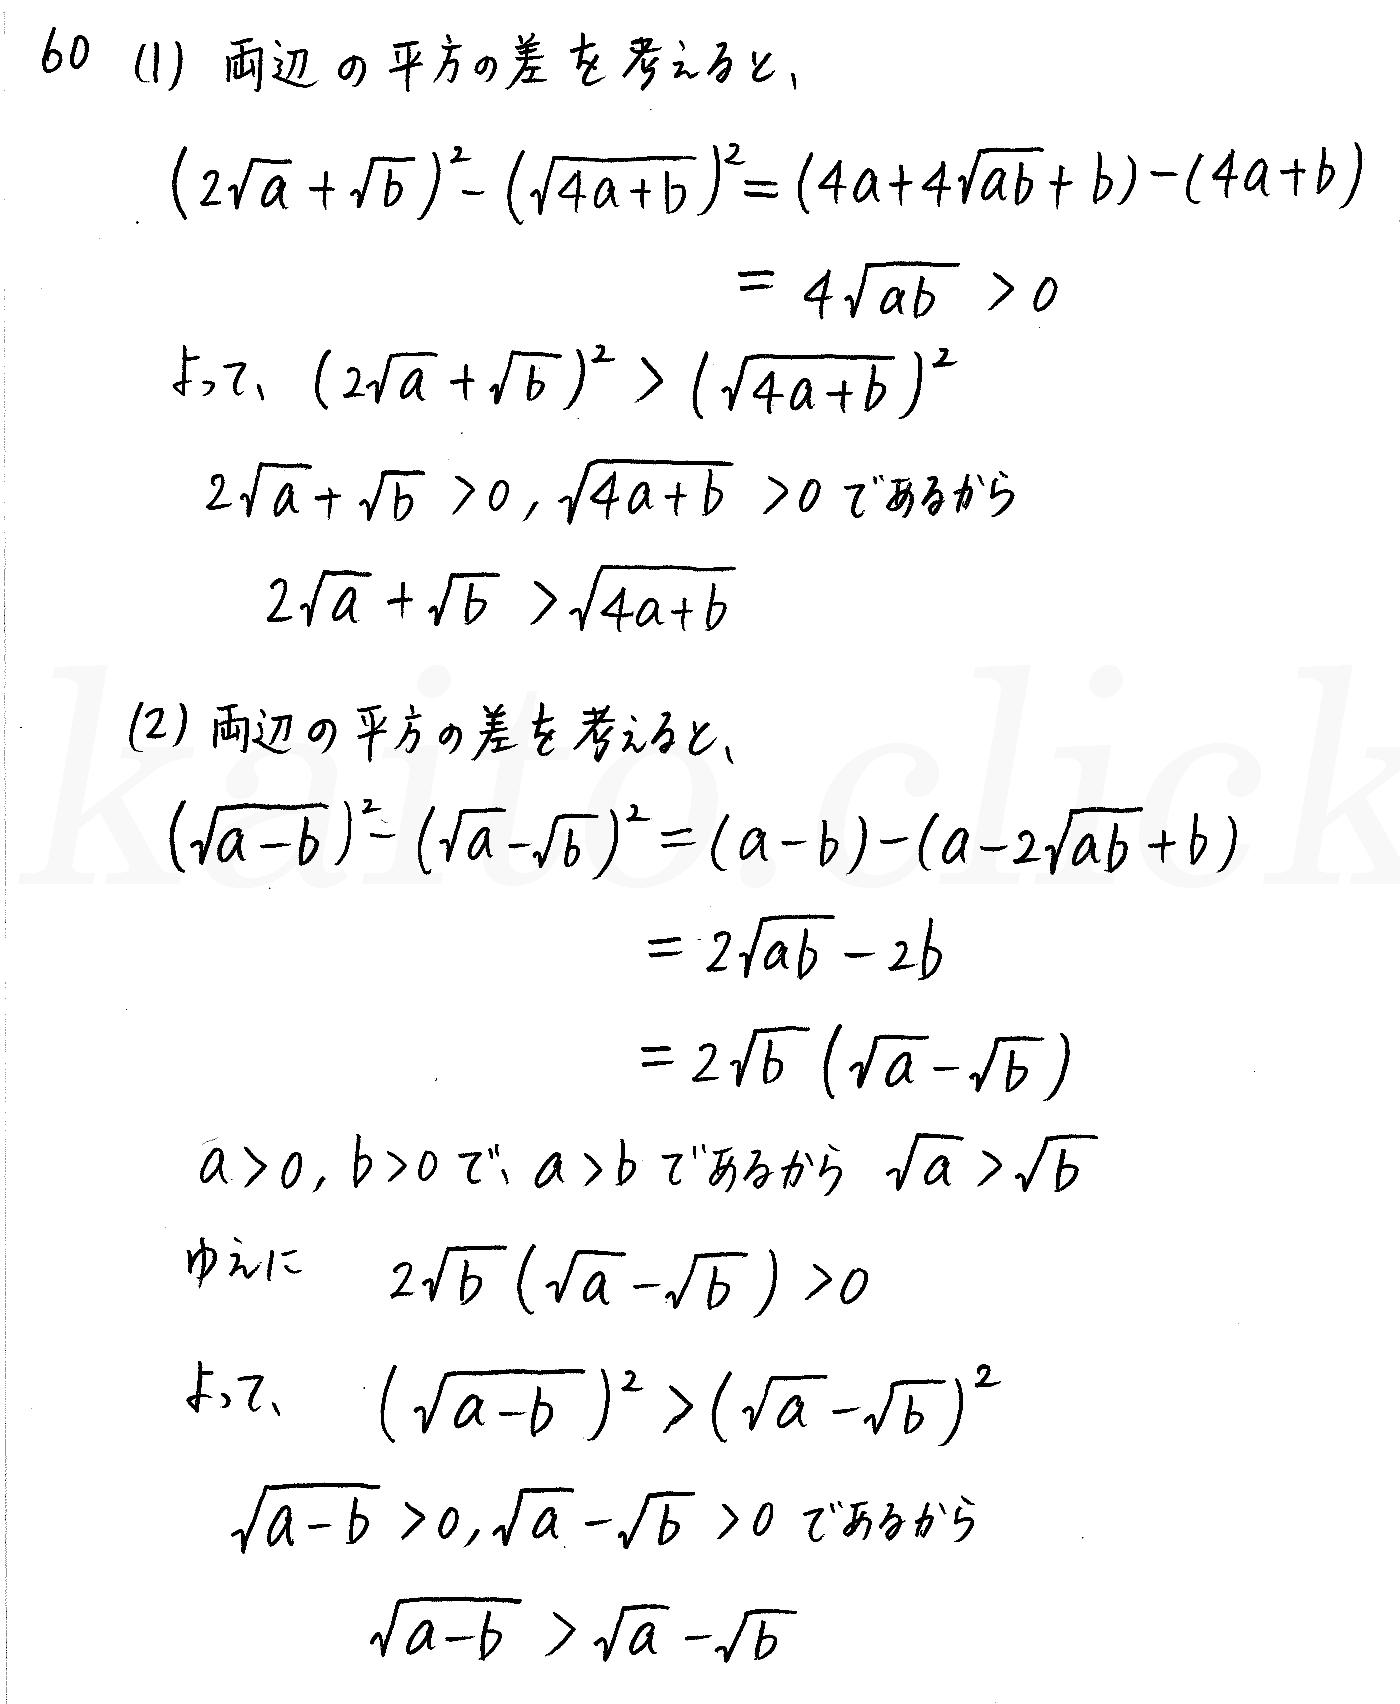 クリアー数学2-60解答